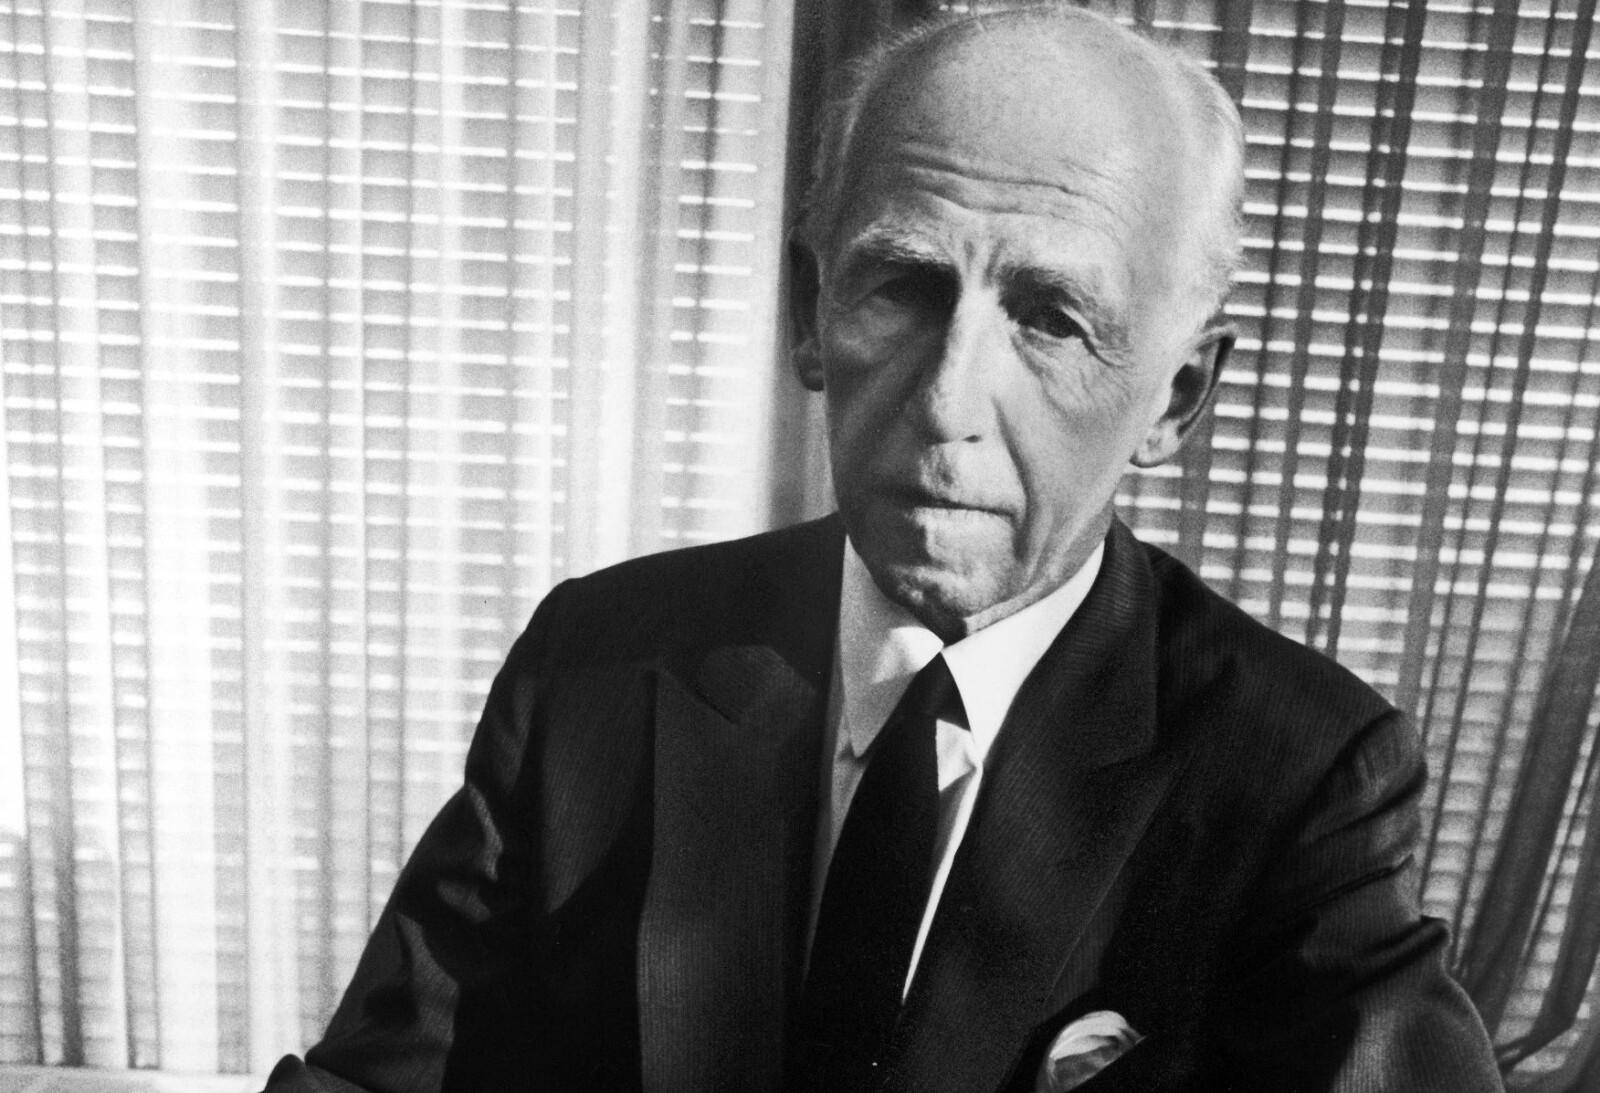 <b>URMANNEN:</b> Den mediesky bergenseren Joakim Lehmkuhl (1895-1984) solgte en halv milliard Timex-ur. Dette er et av få bilder som finnes av han. Foto: Getty Images